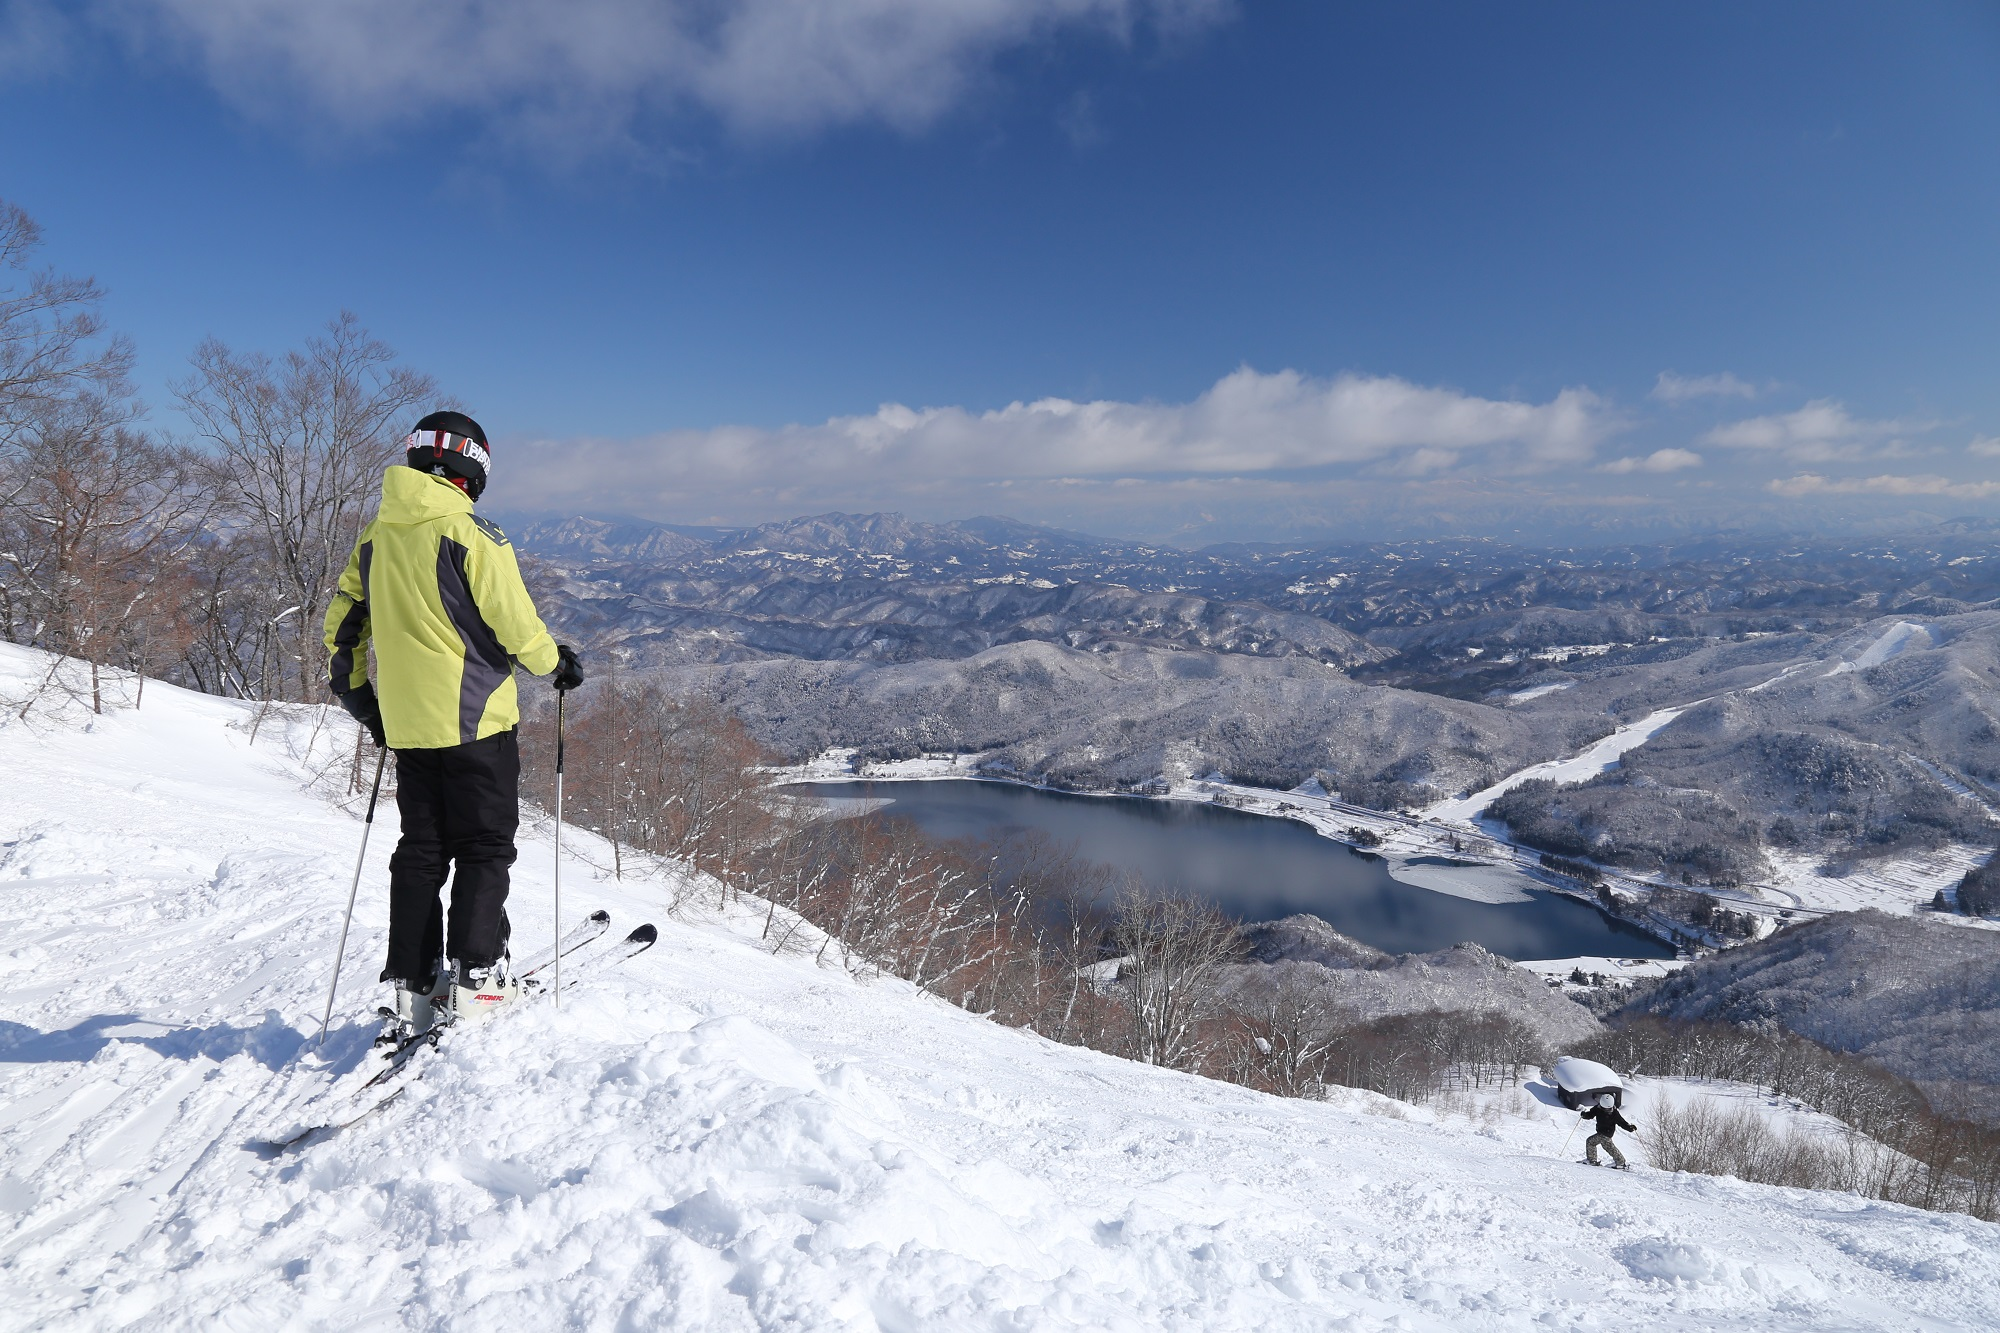 Kashimayari Ski Resort